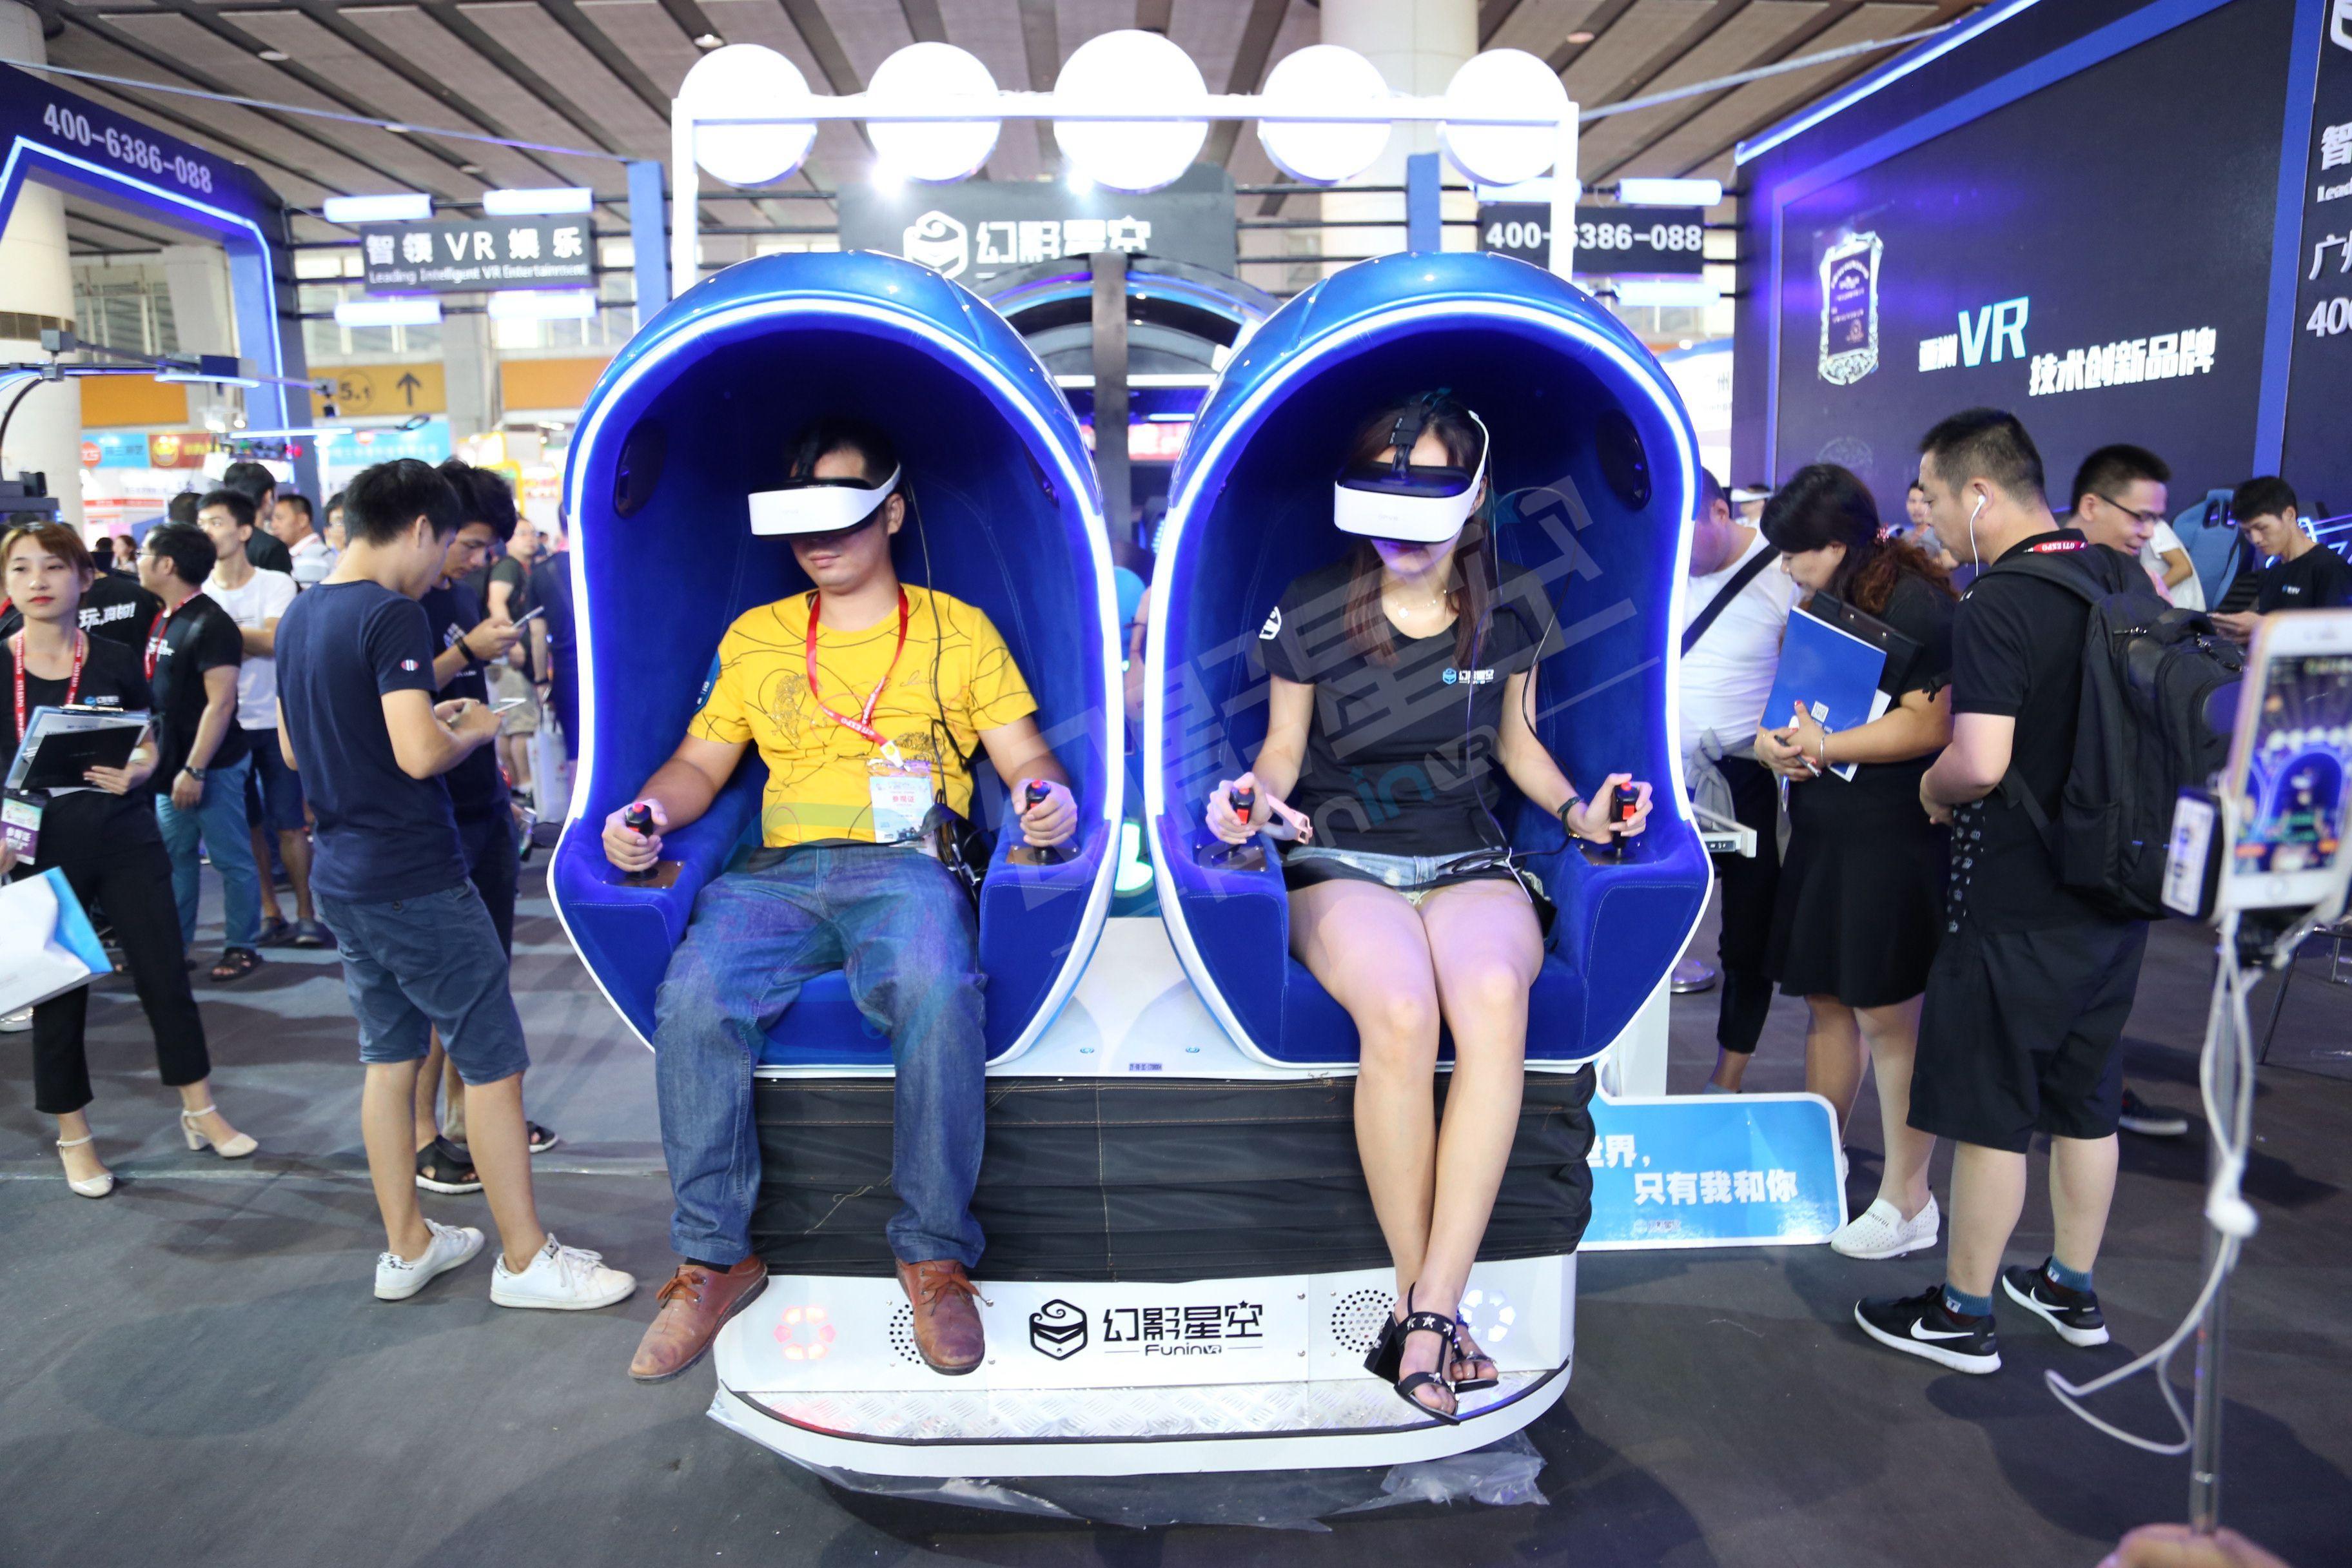 VR虚拟现实游戏体验馆通过VR体验欧美的风情